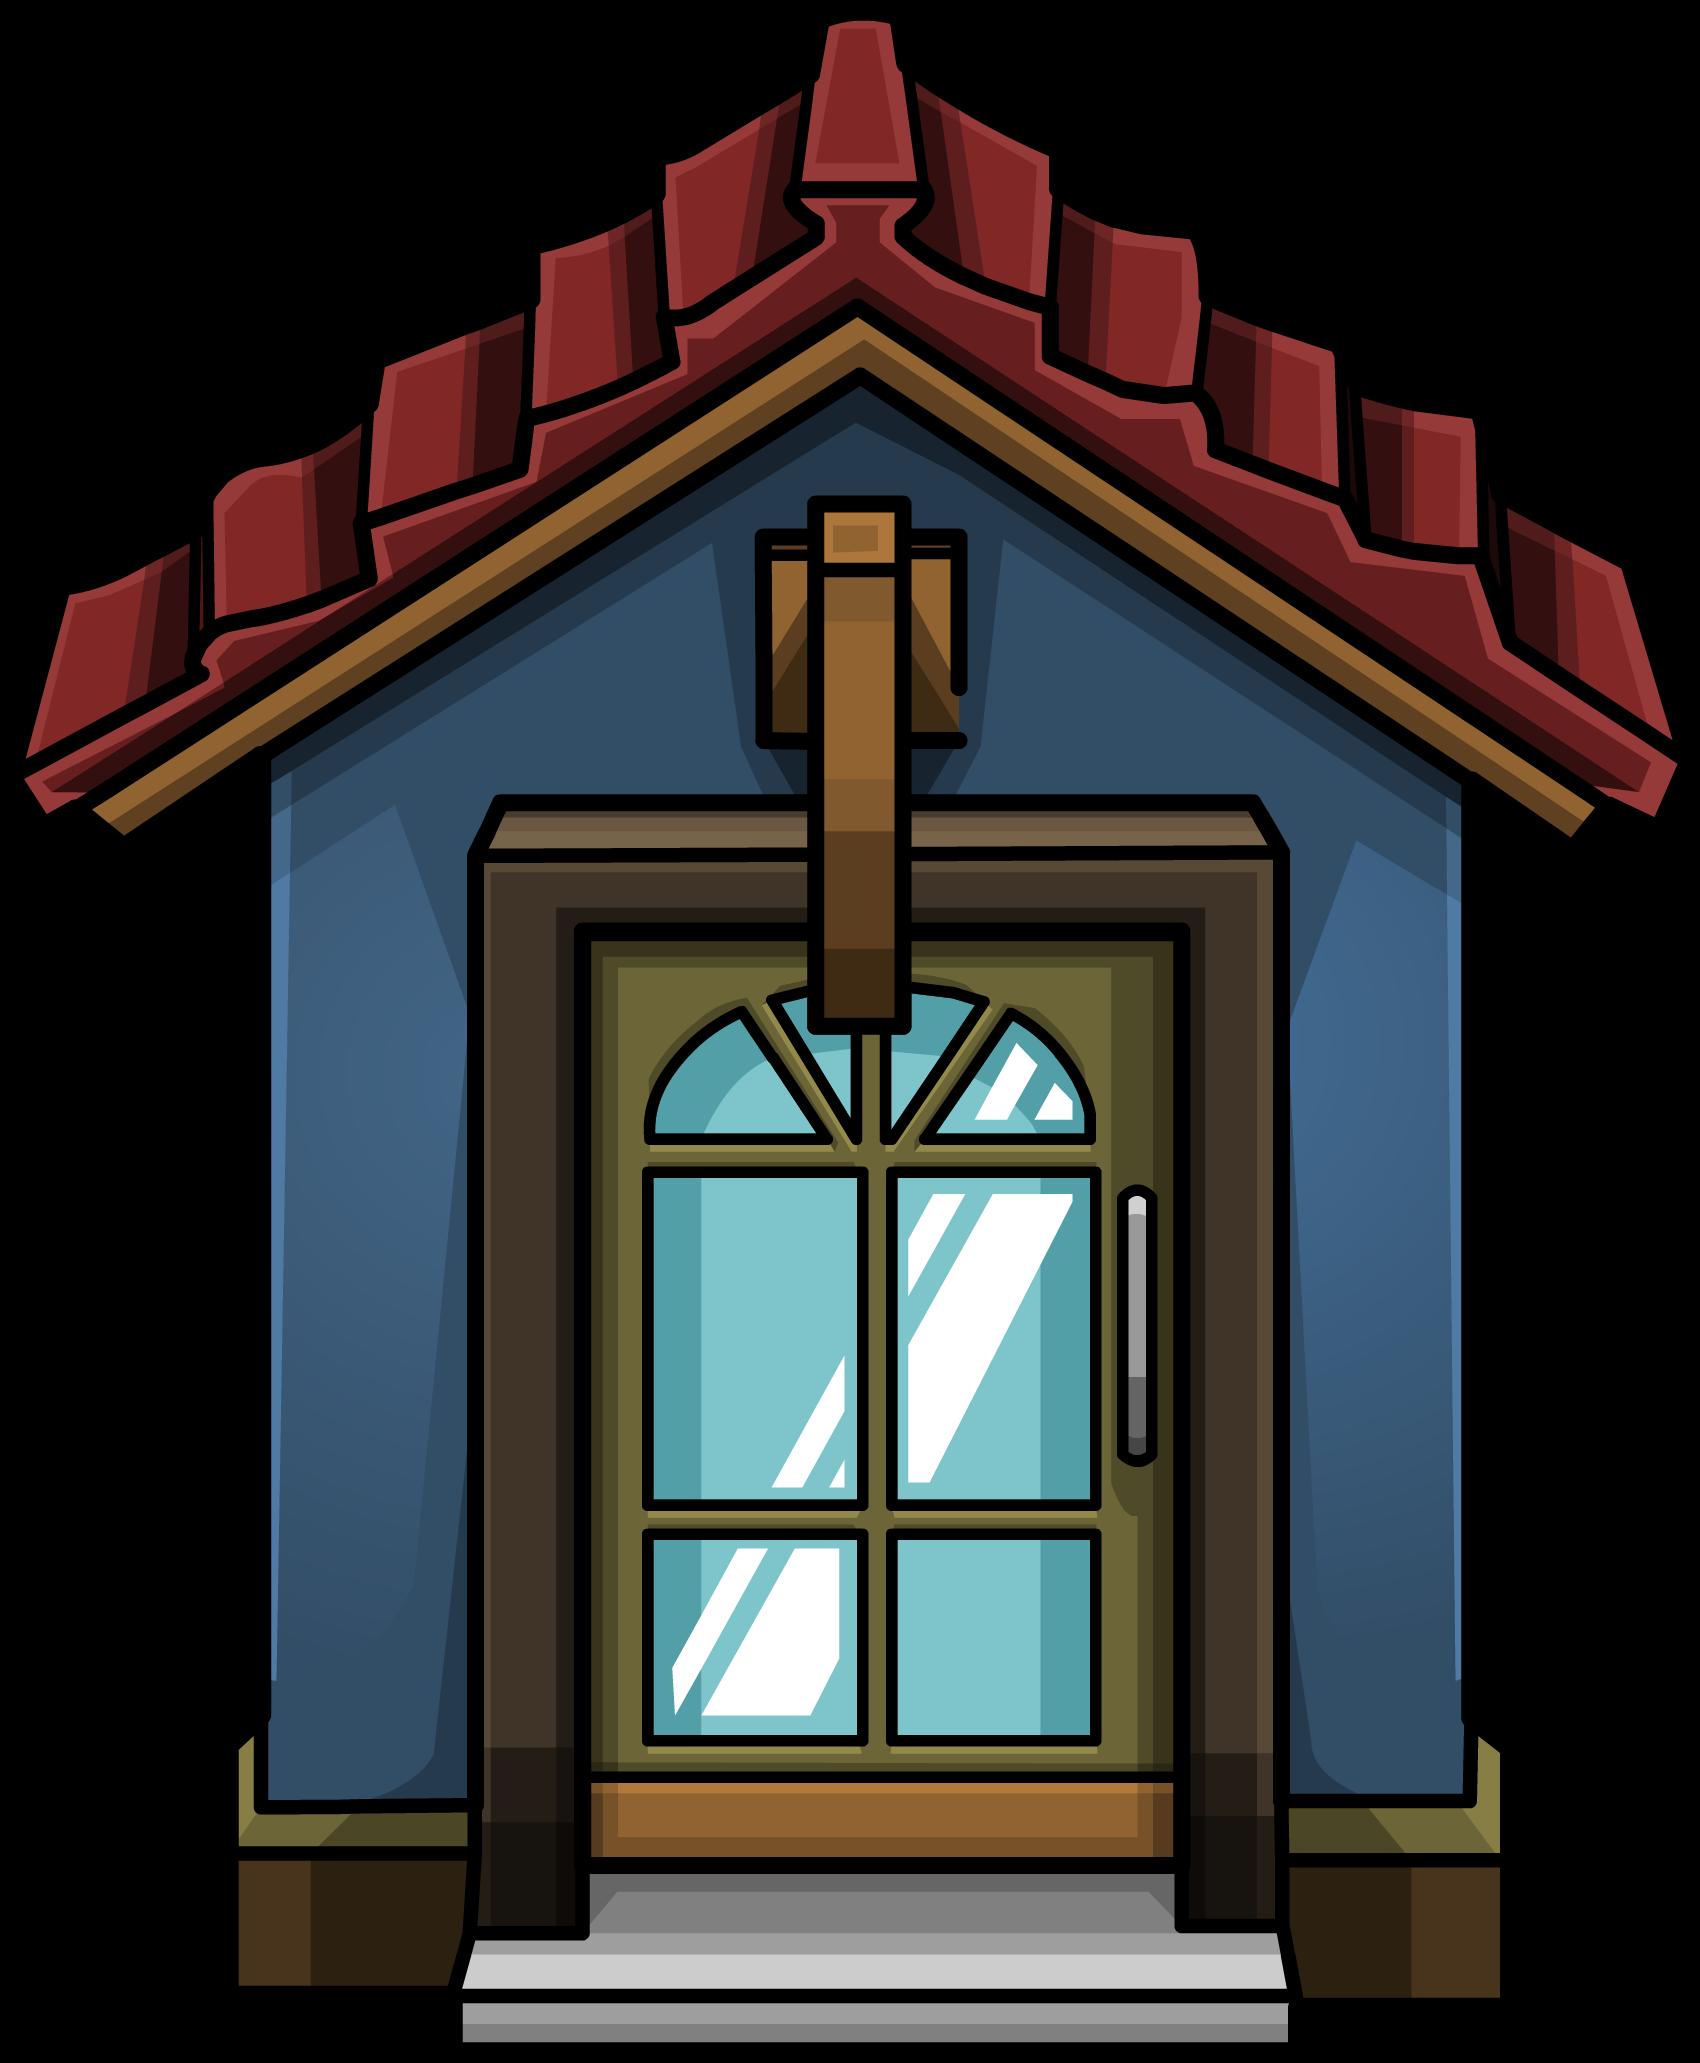 Furniture clipart window door. Cozy blue club penguin